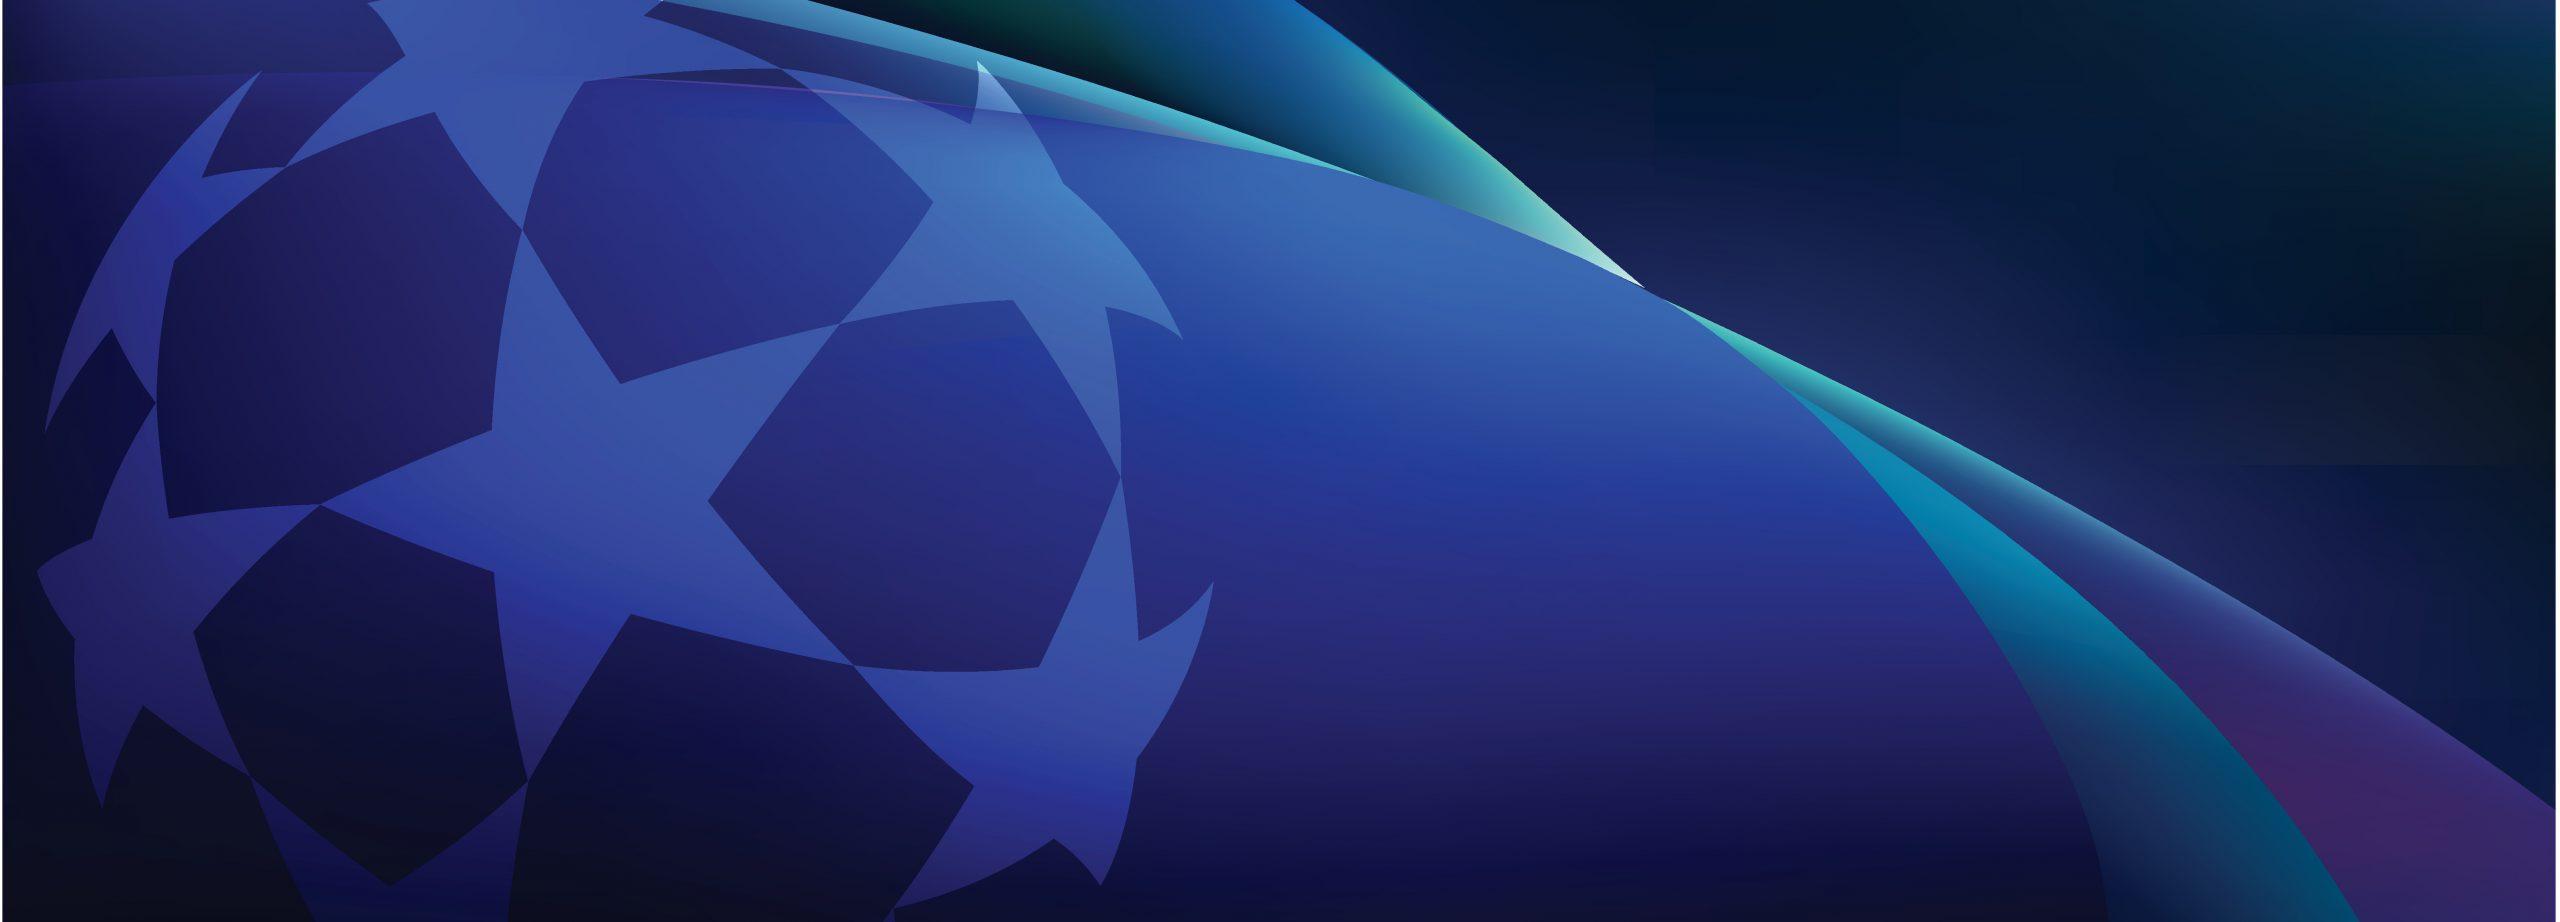 Etoiles du drapeau européen sur fond bleu